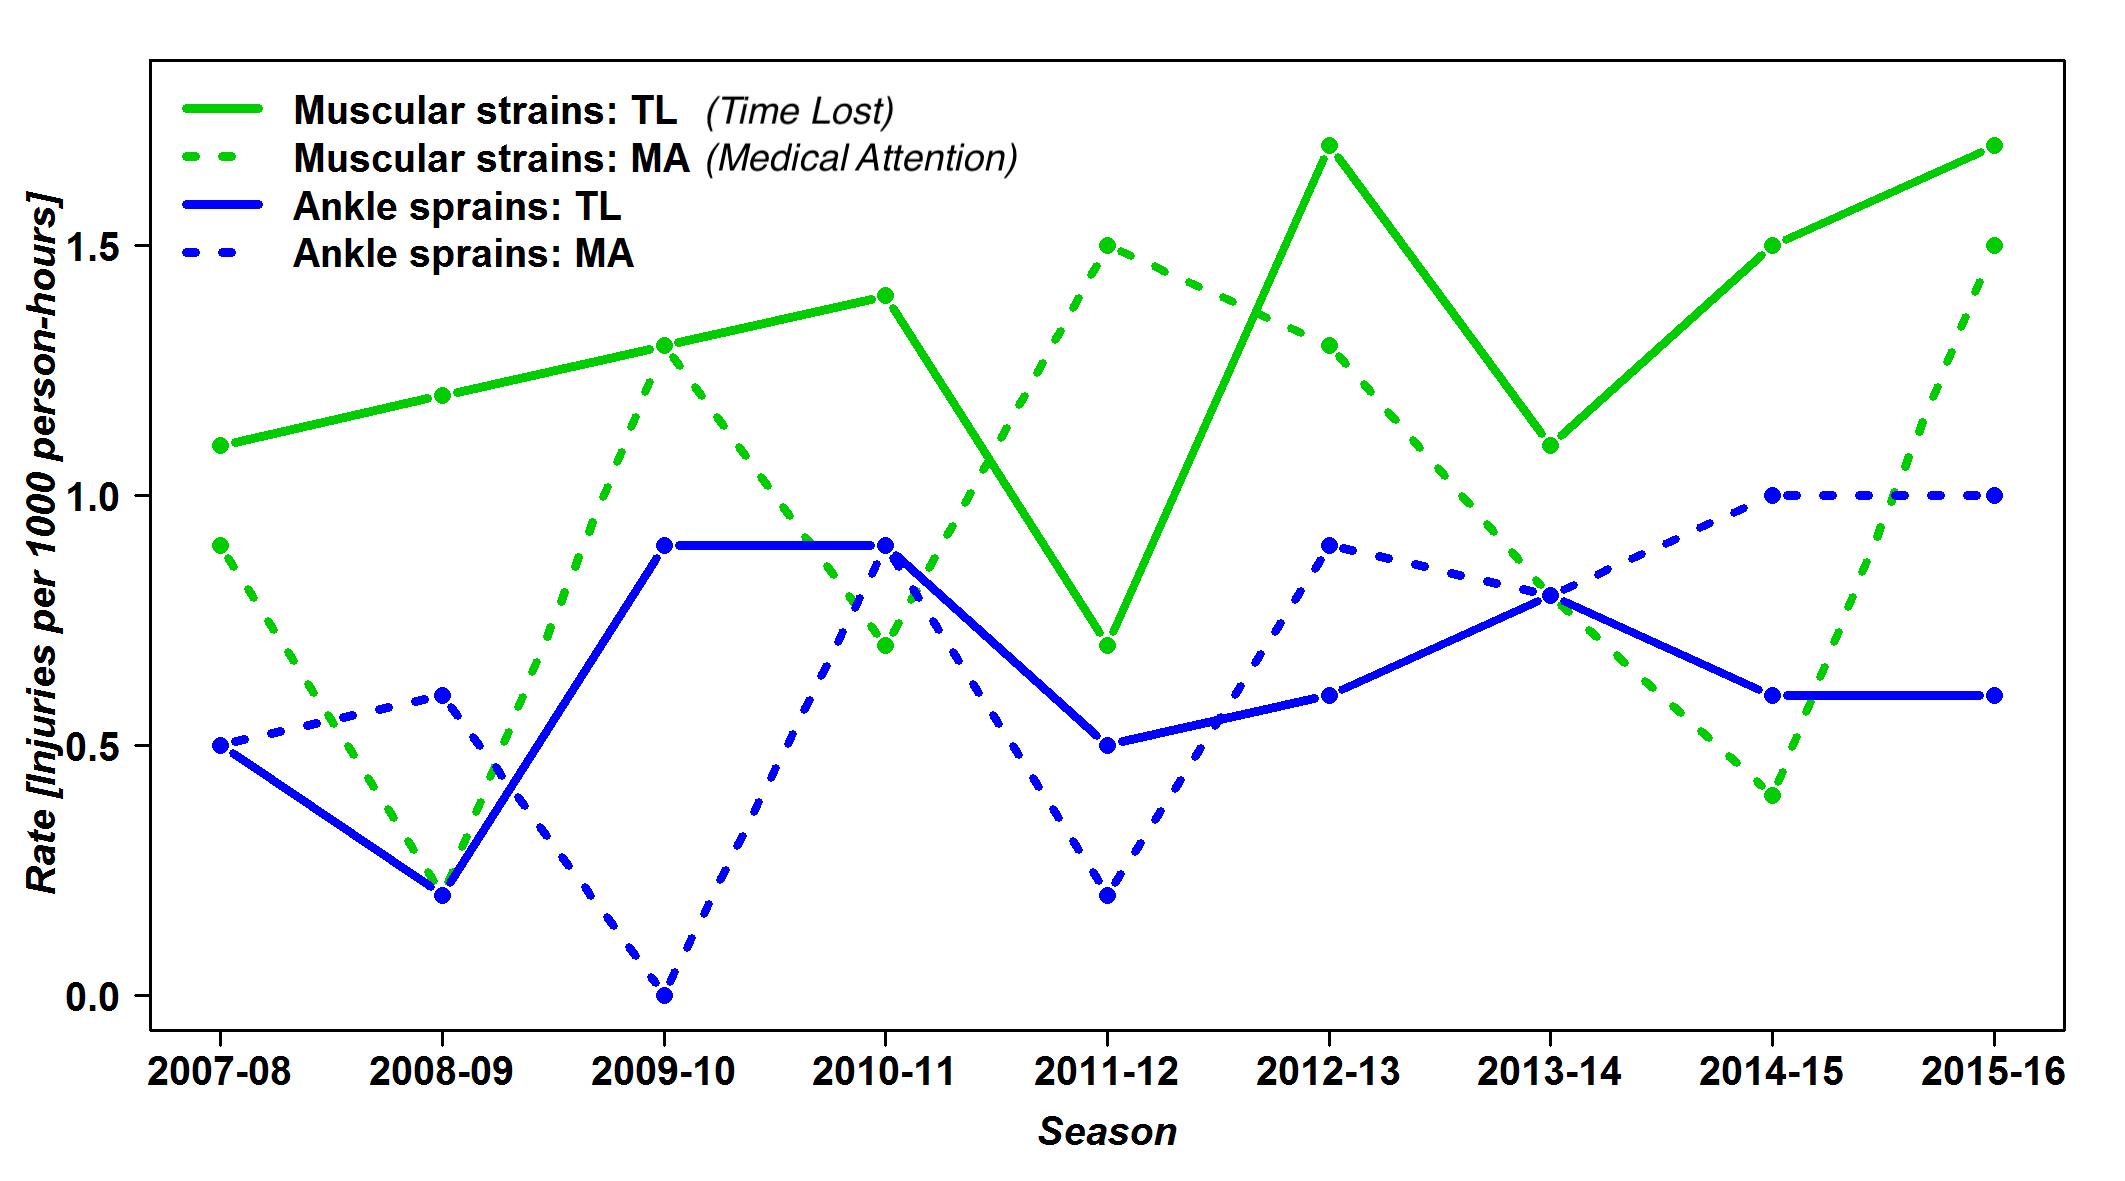 Incidència de pèrdua de temps (TL, per les seves sigles en anglès) i atenció mèdica (DT., per les seves sigles en anglès) segons els 2 tipus de lesions avaluades (esquinços de turmell i distensions musculars) per temporada-any.